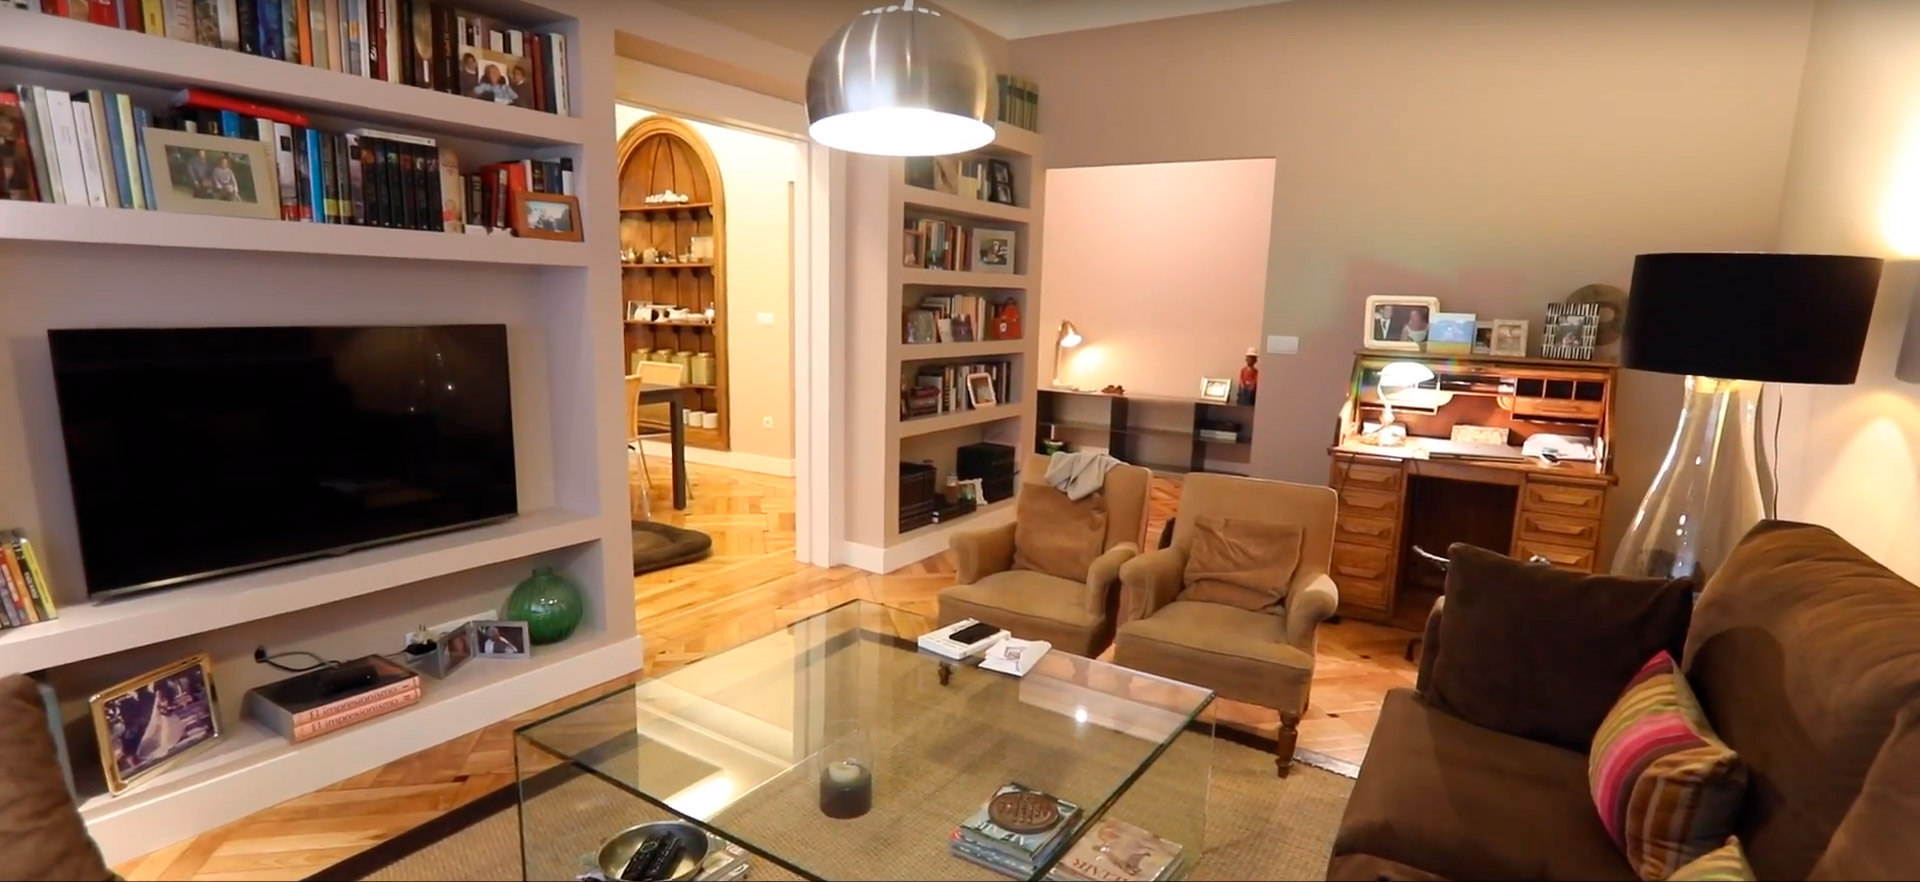 Reformas integrales en madrid todo tipo de servicios para mejorar su hogar - Reformas hogar madrid ...